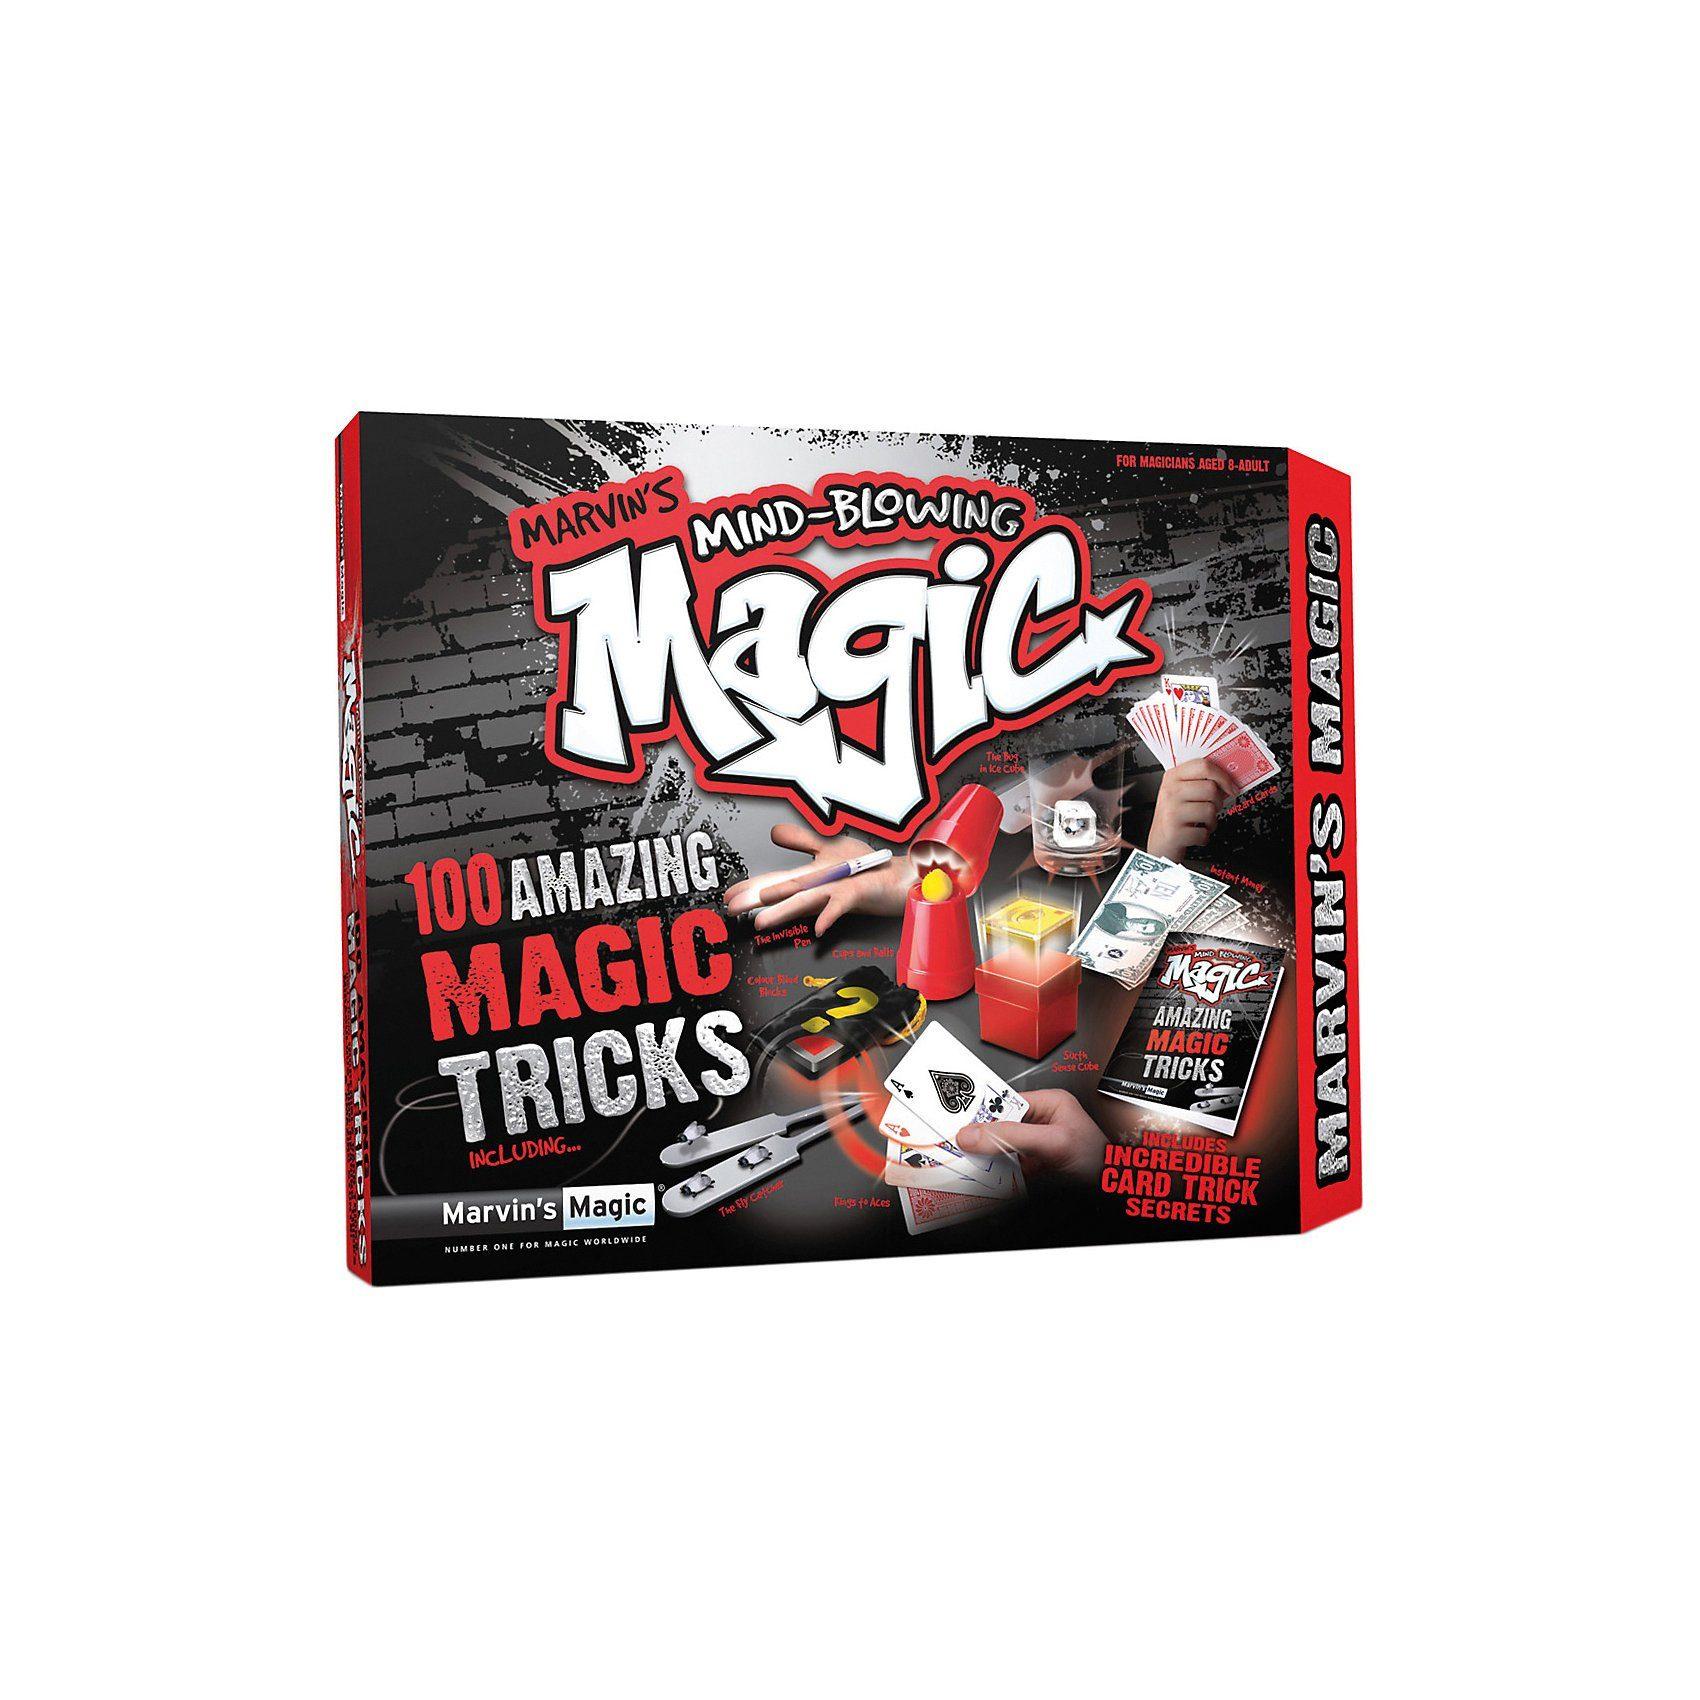 Marvins Magic 100 unglaubliche magische Tricks